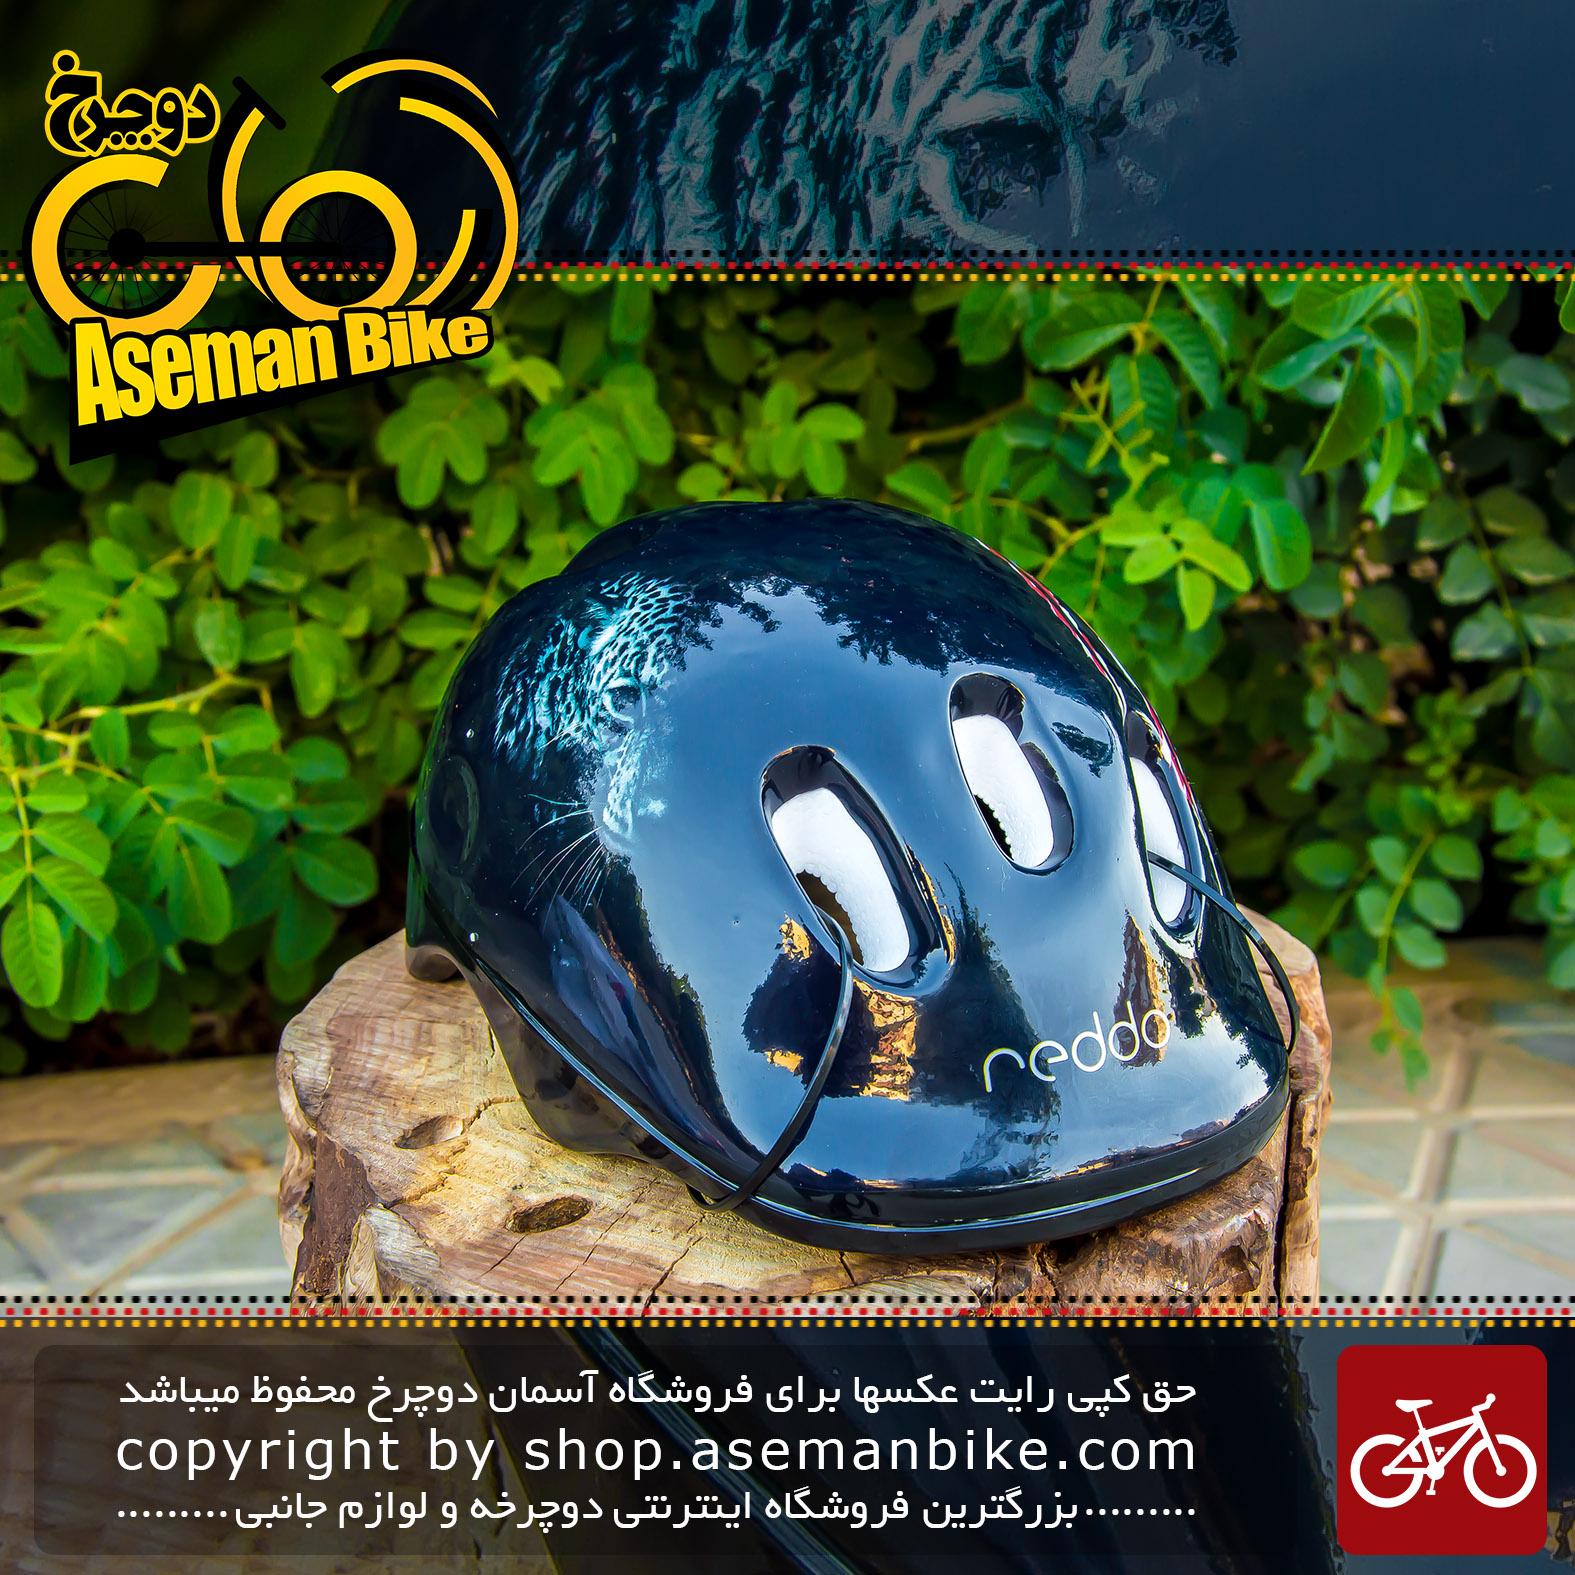 کلاه دوچرخه سواری بچه گانه ردو مشکی Reddo Bicycle Kids Helmet